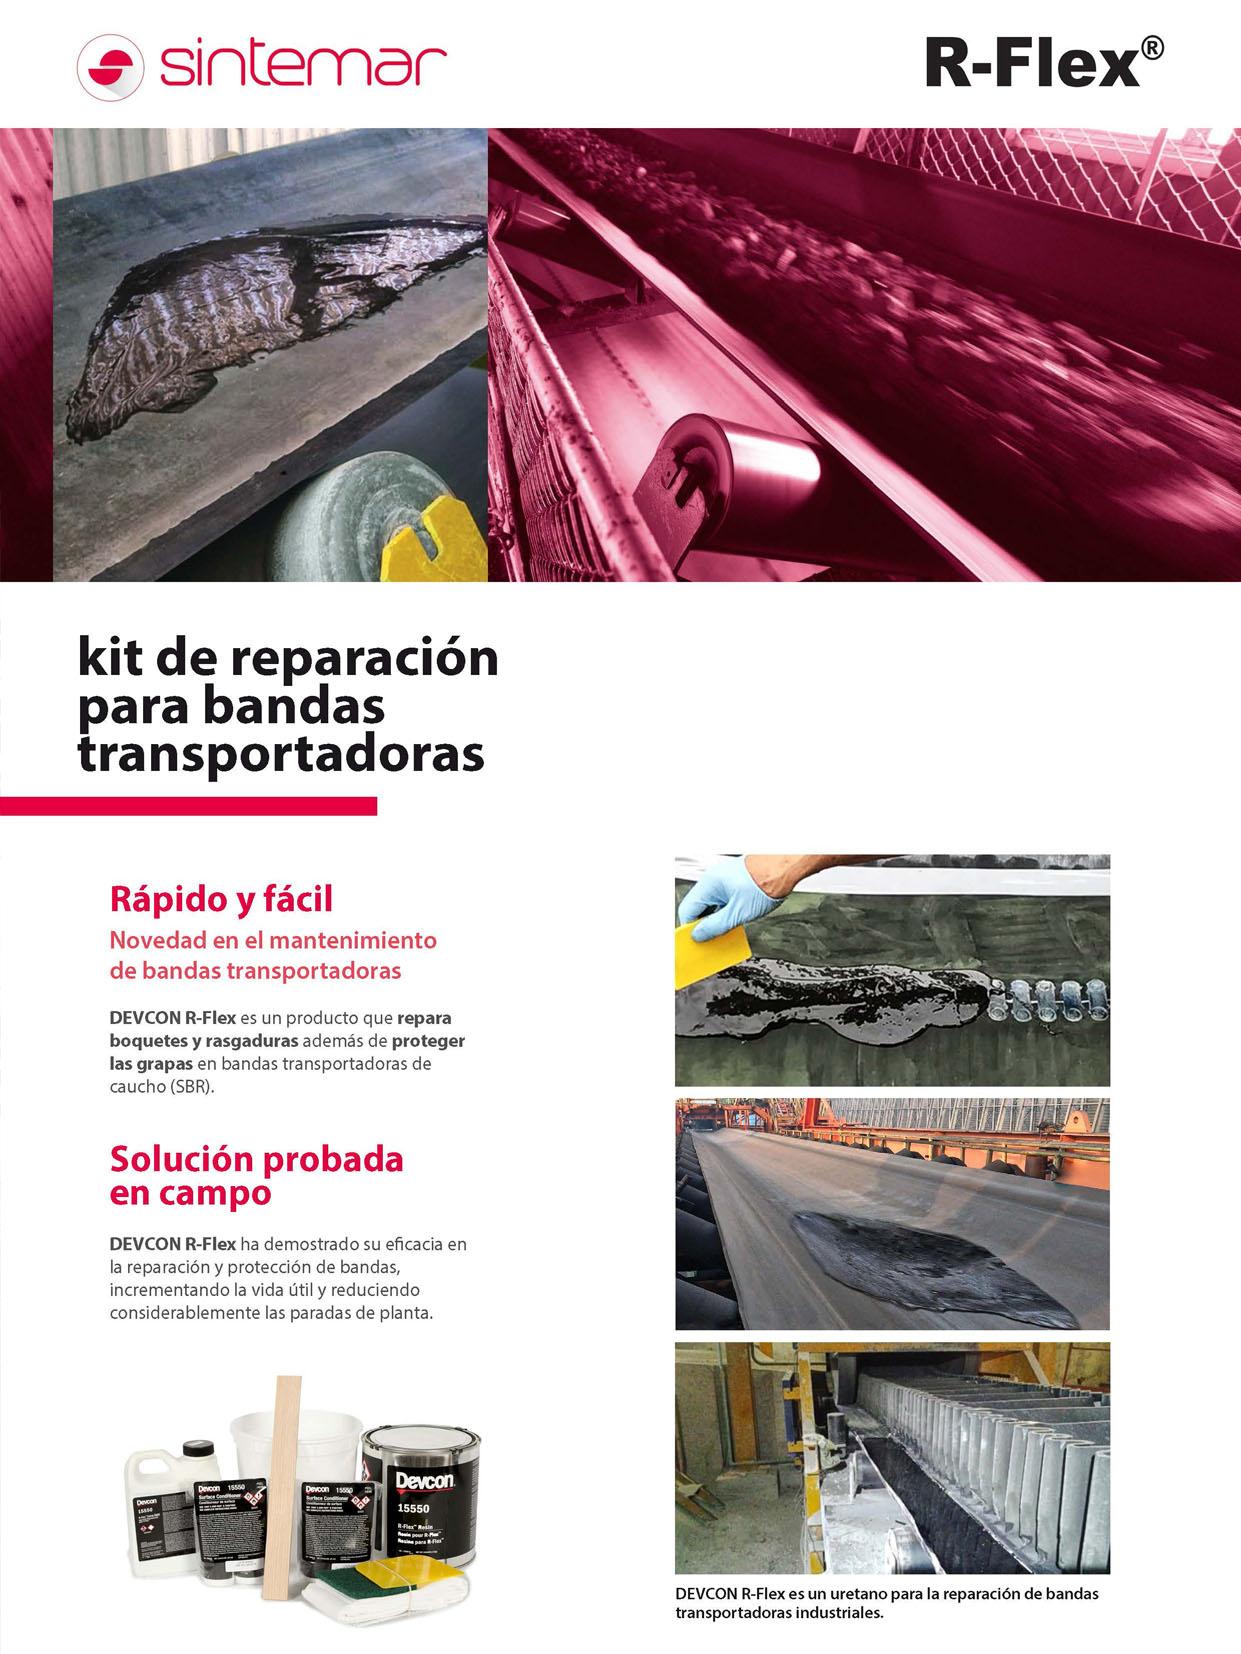 Kit de reparación para bandas transportadoras R-Flex